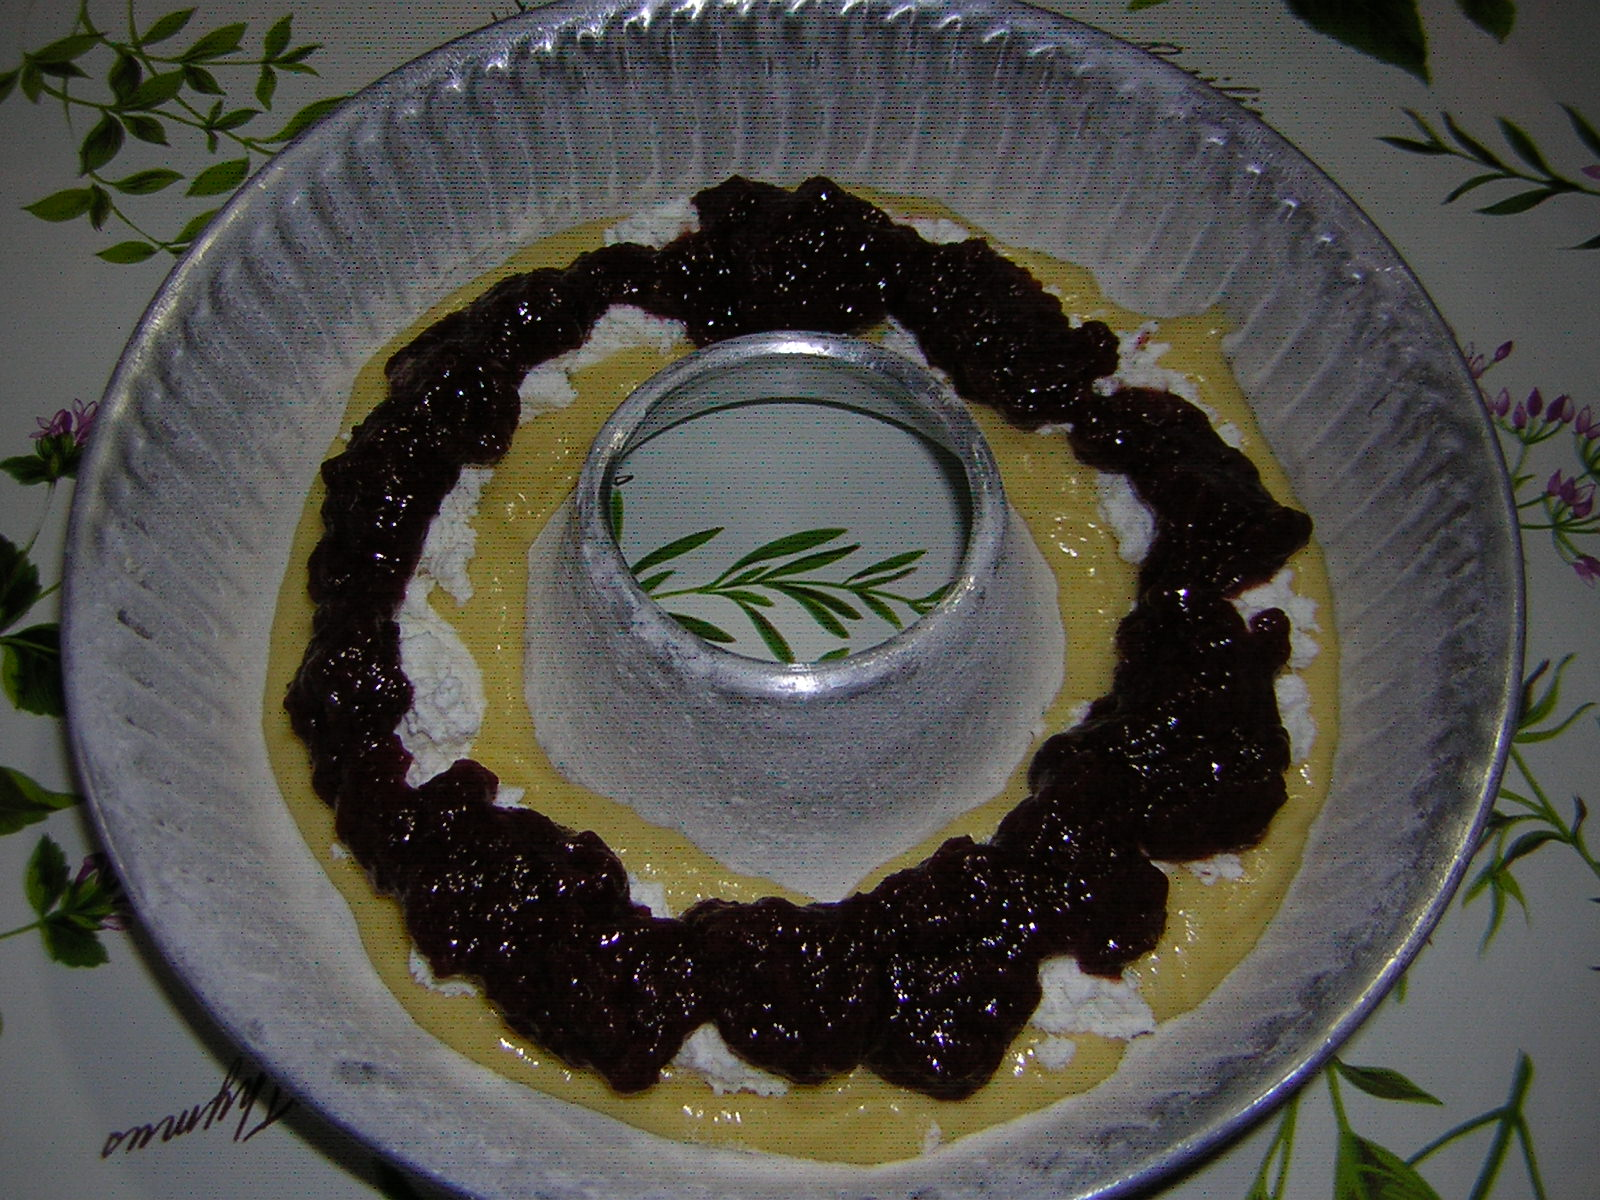 preparazione della ciambella con ricotta e marmellata